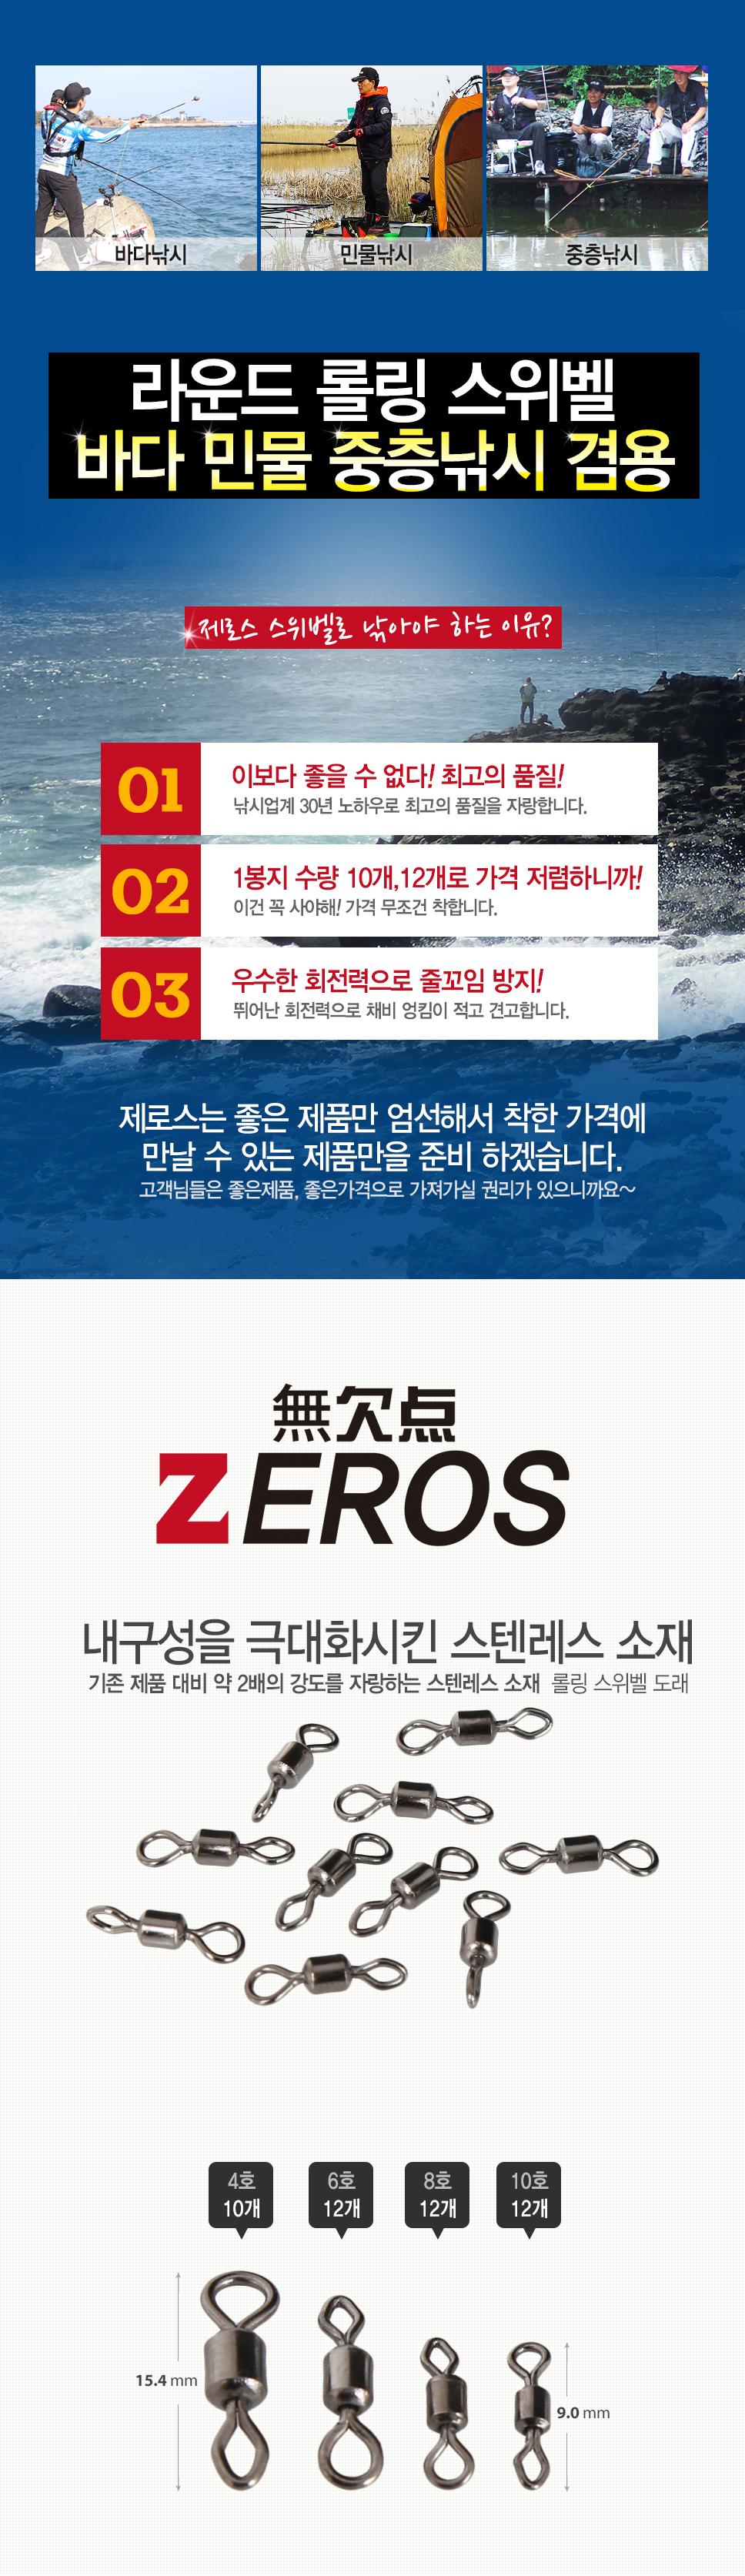 제로스 라운드롤링스위벨 ZE-H2005 특수도래 바다채비소품 민물채비소품